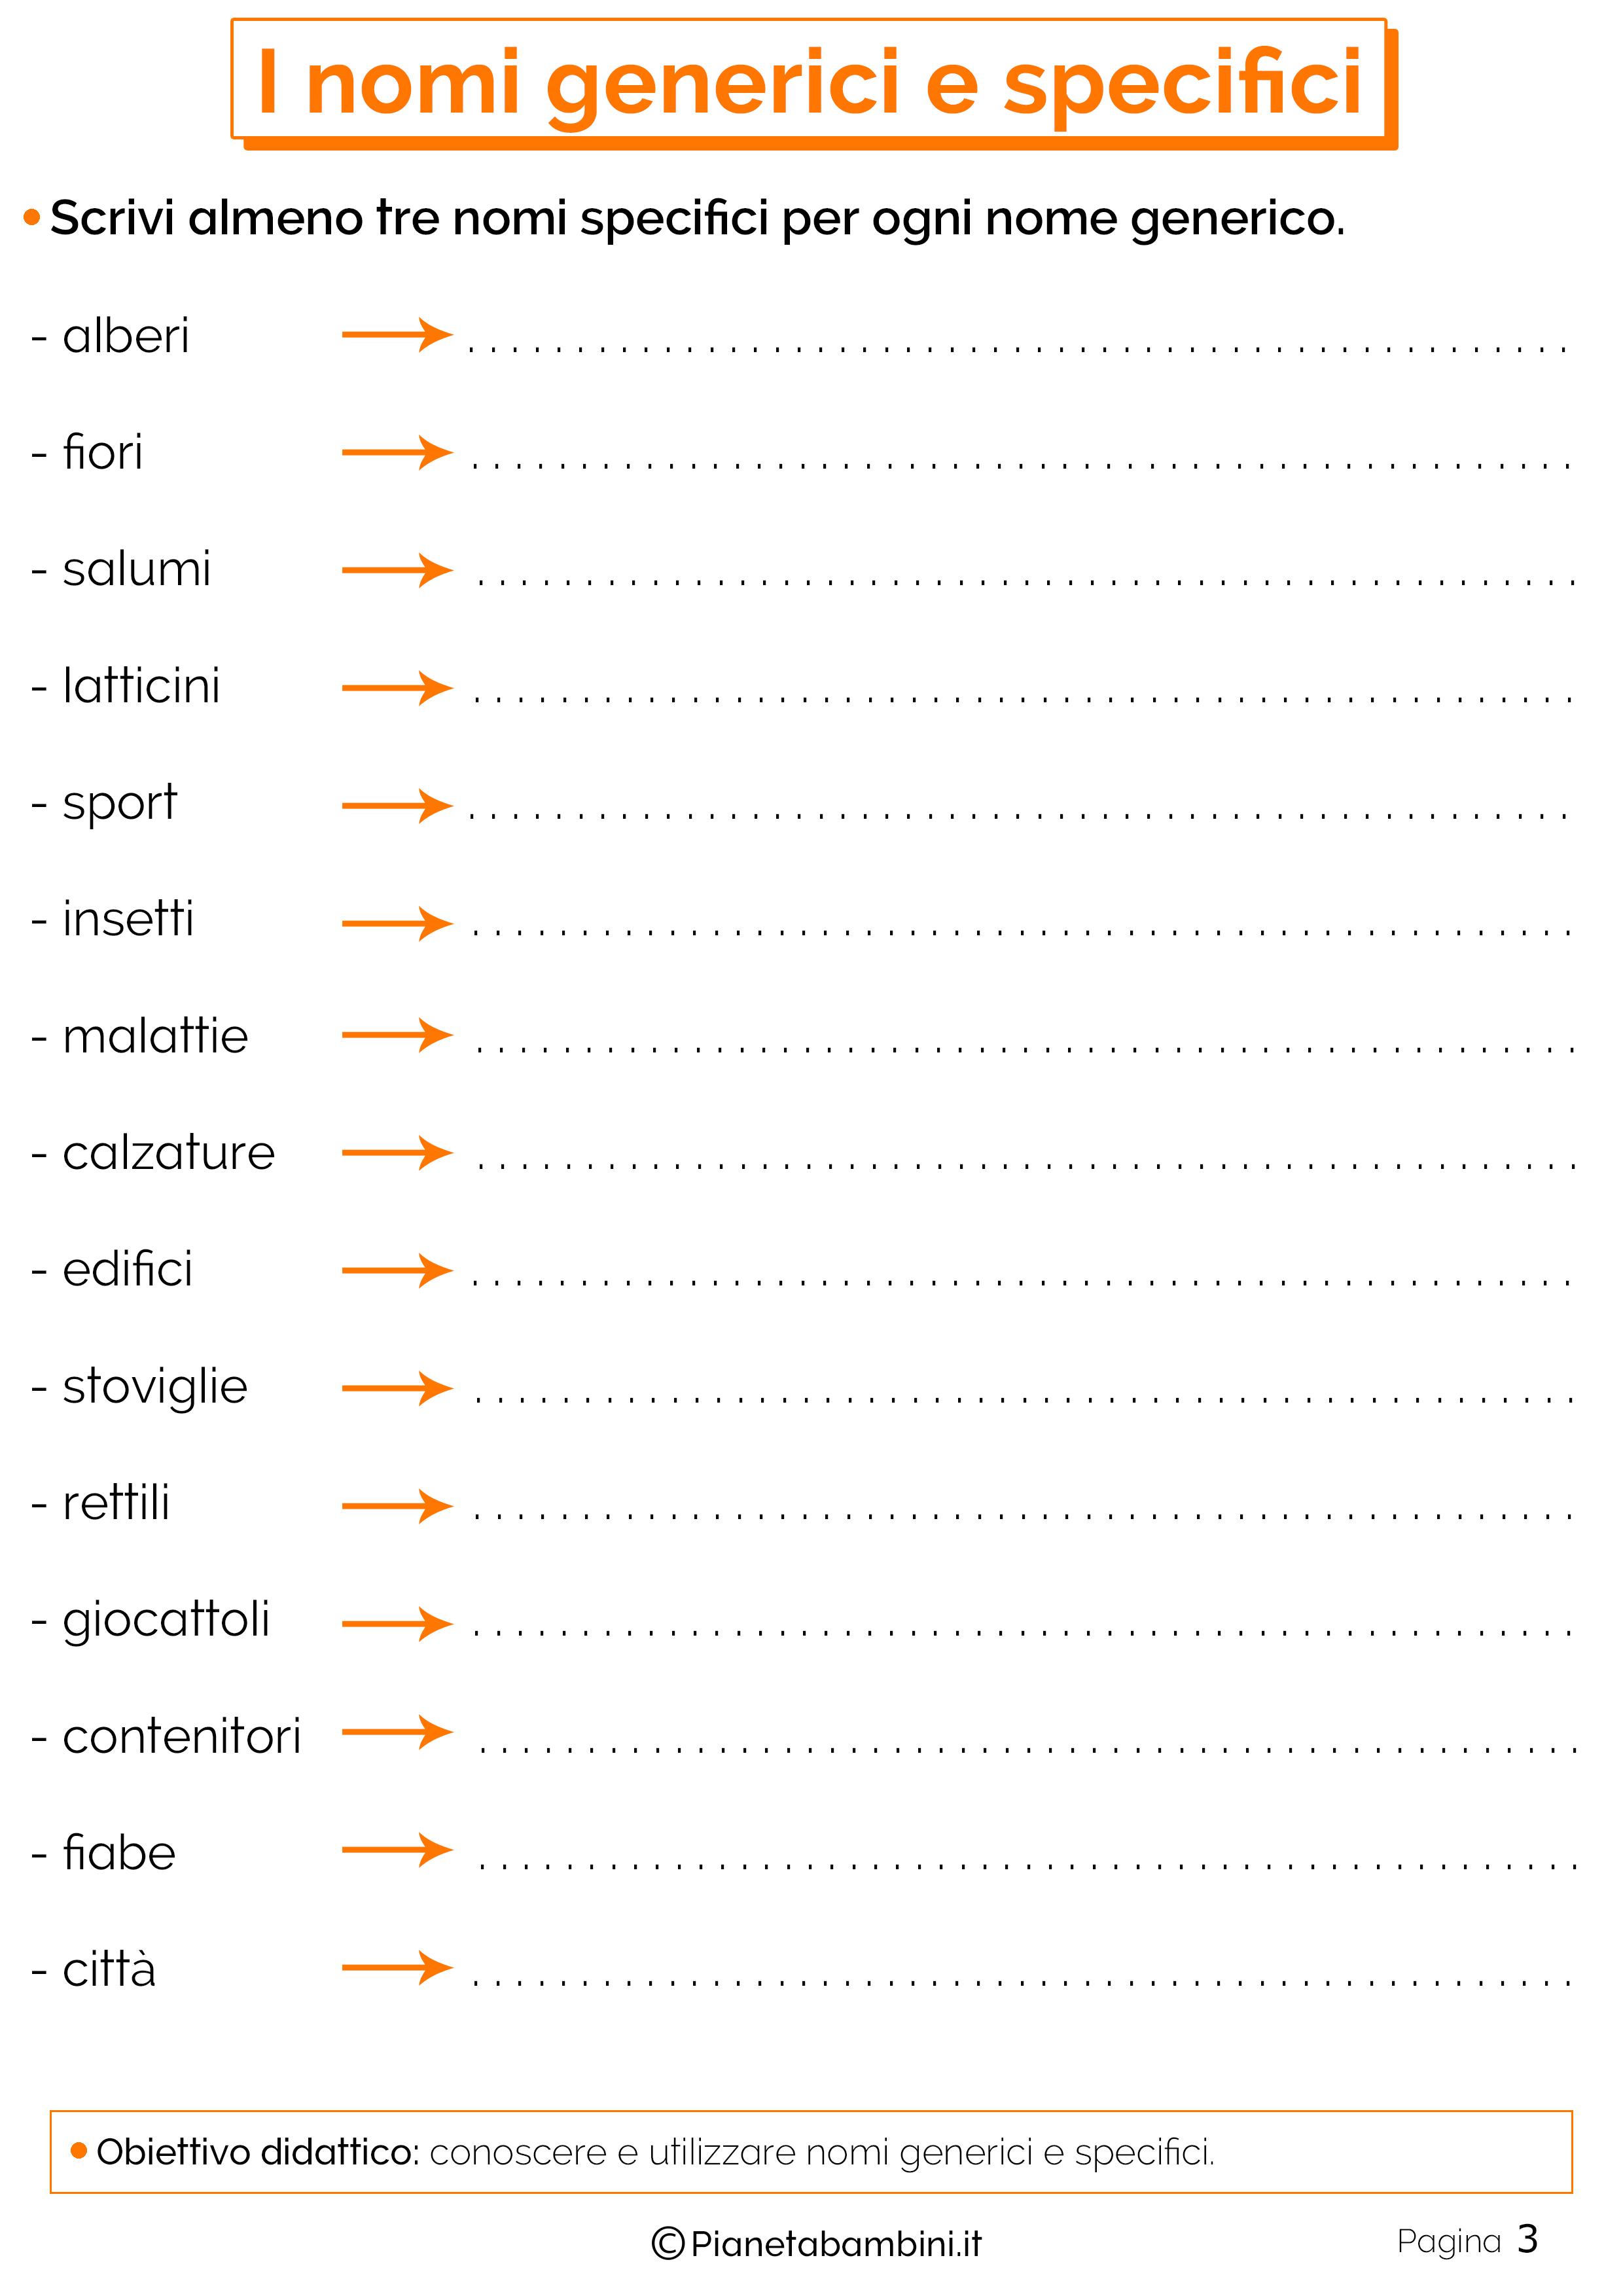 Esercizi sui nomi generici e specifici 2